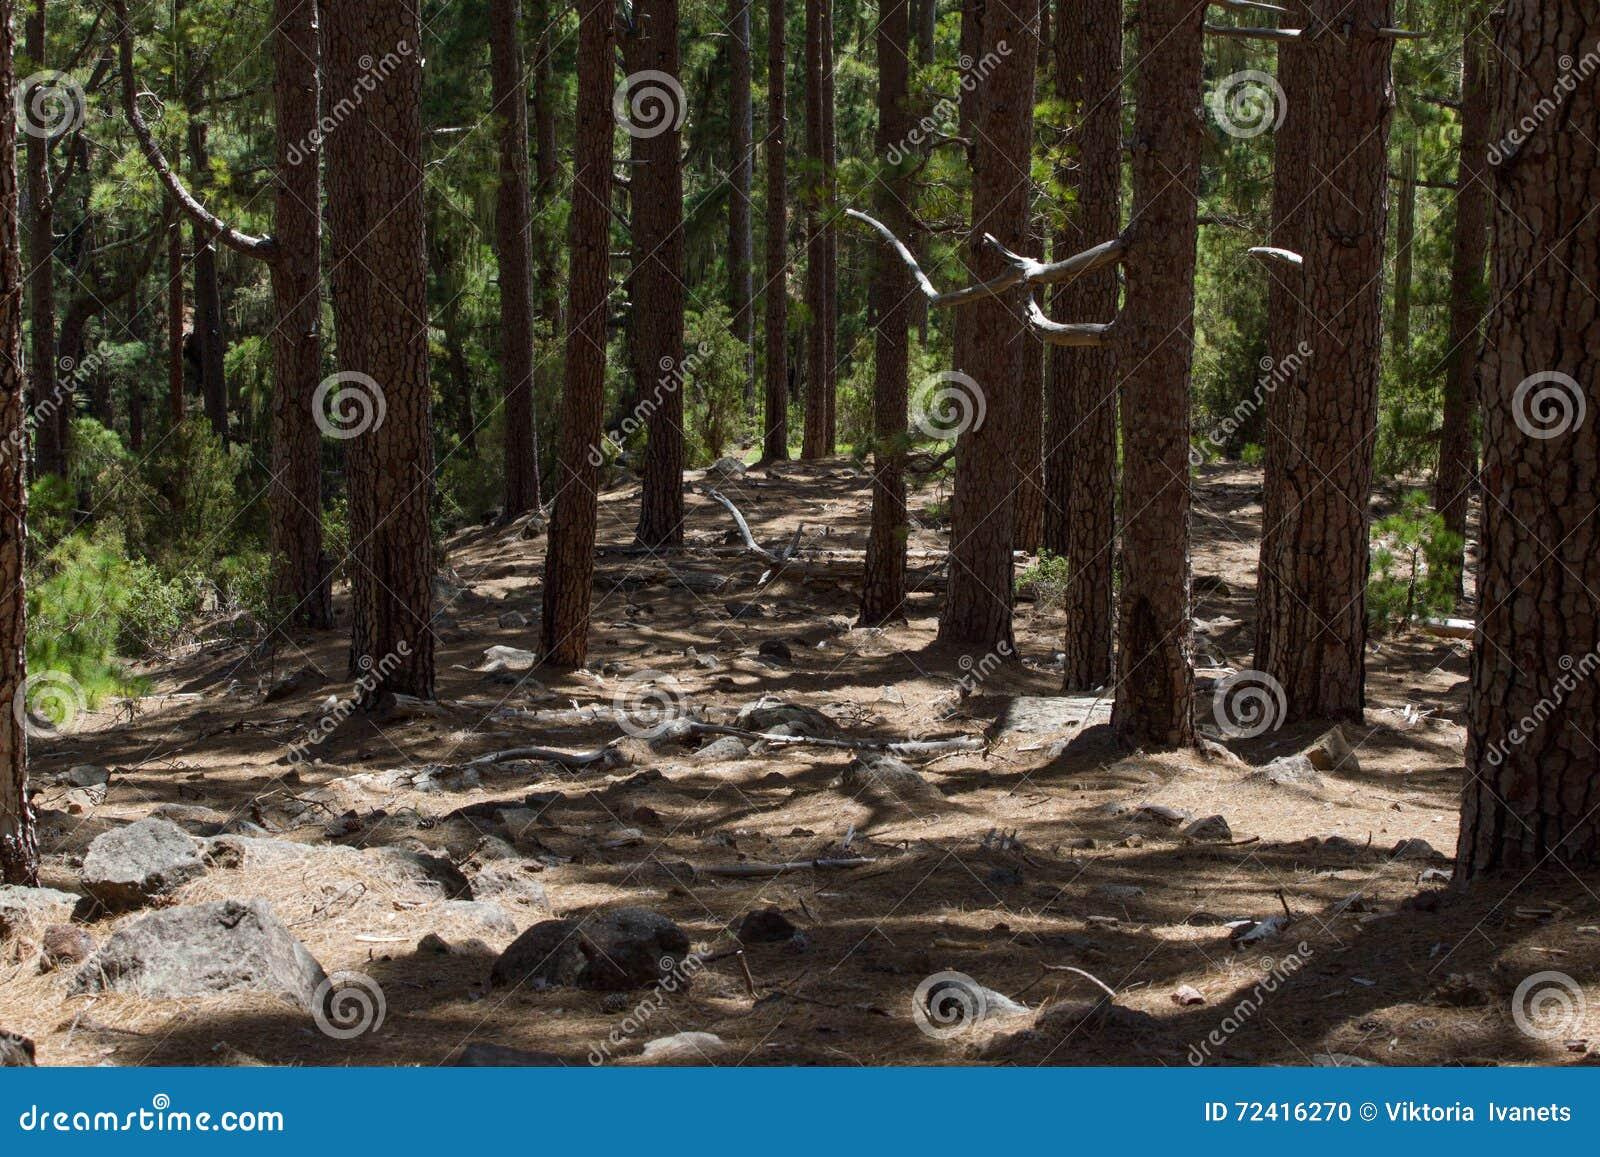 Droga gruntowa w sosnowym lesie, Tenerife, Pinolere, wyspa kanaryjska Pinus Canariensis